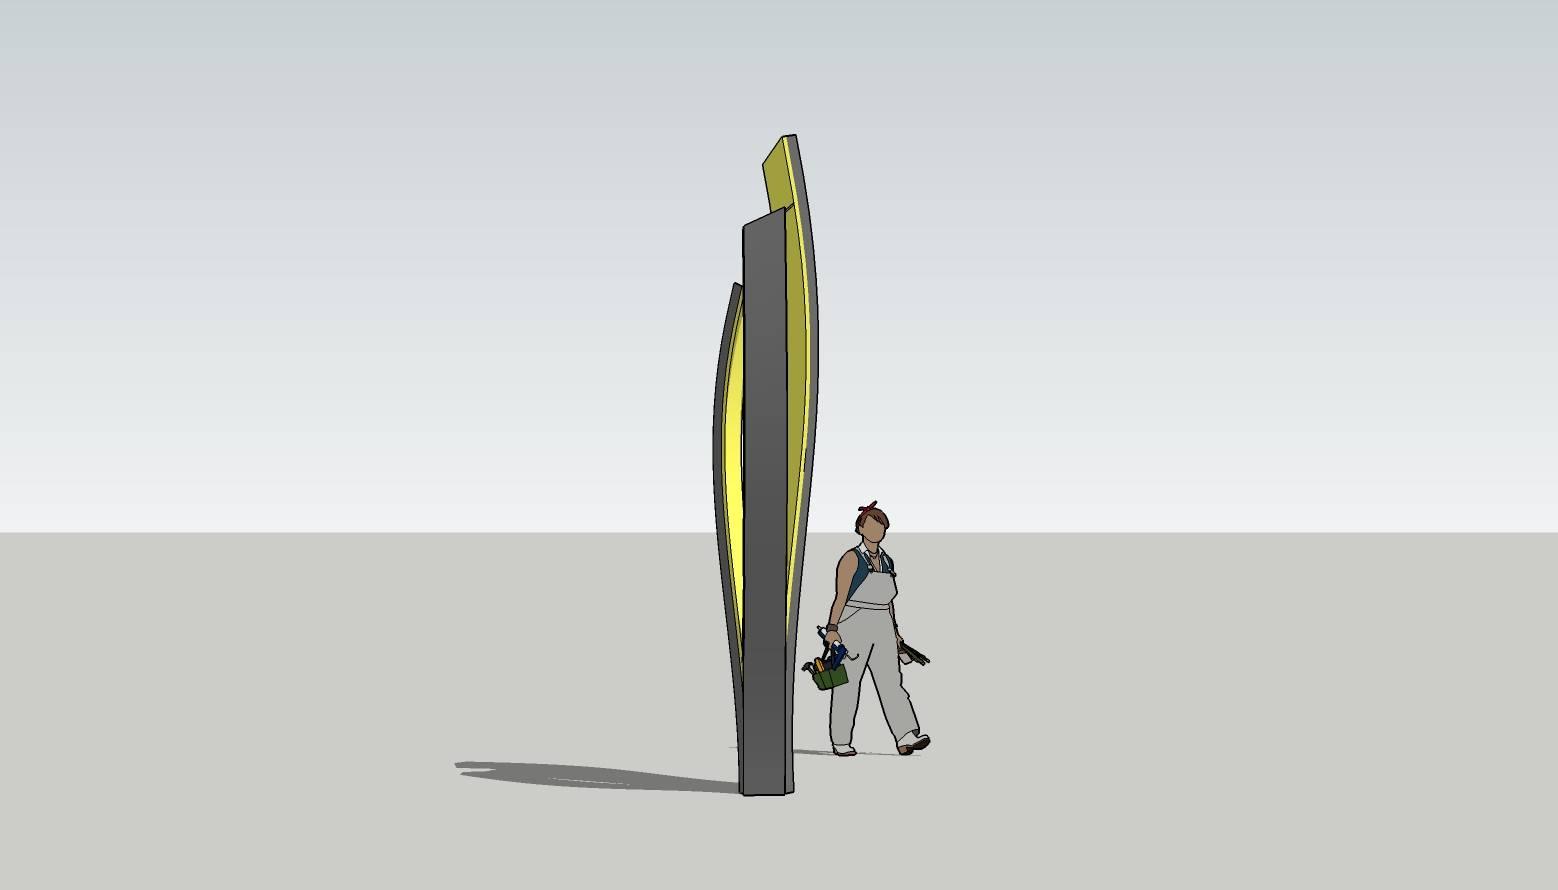 导视牌  标识牌 指示牌 单立柱 导视系统 导视立柱 户外导视牌